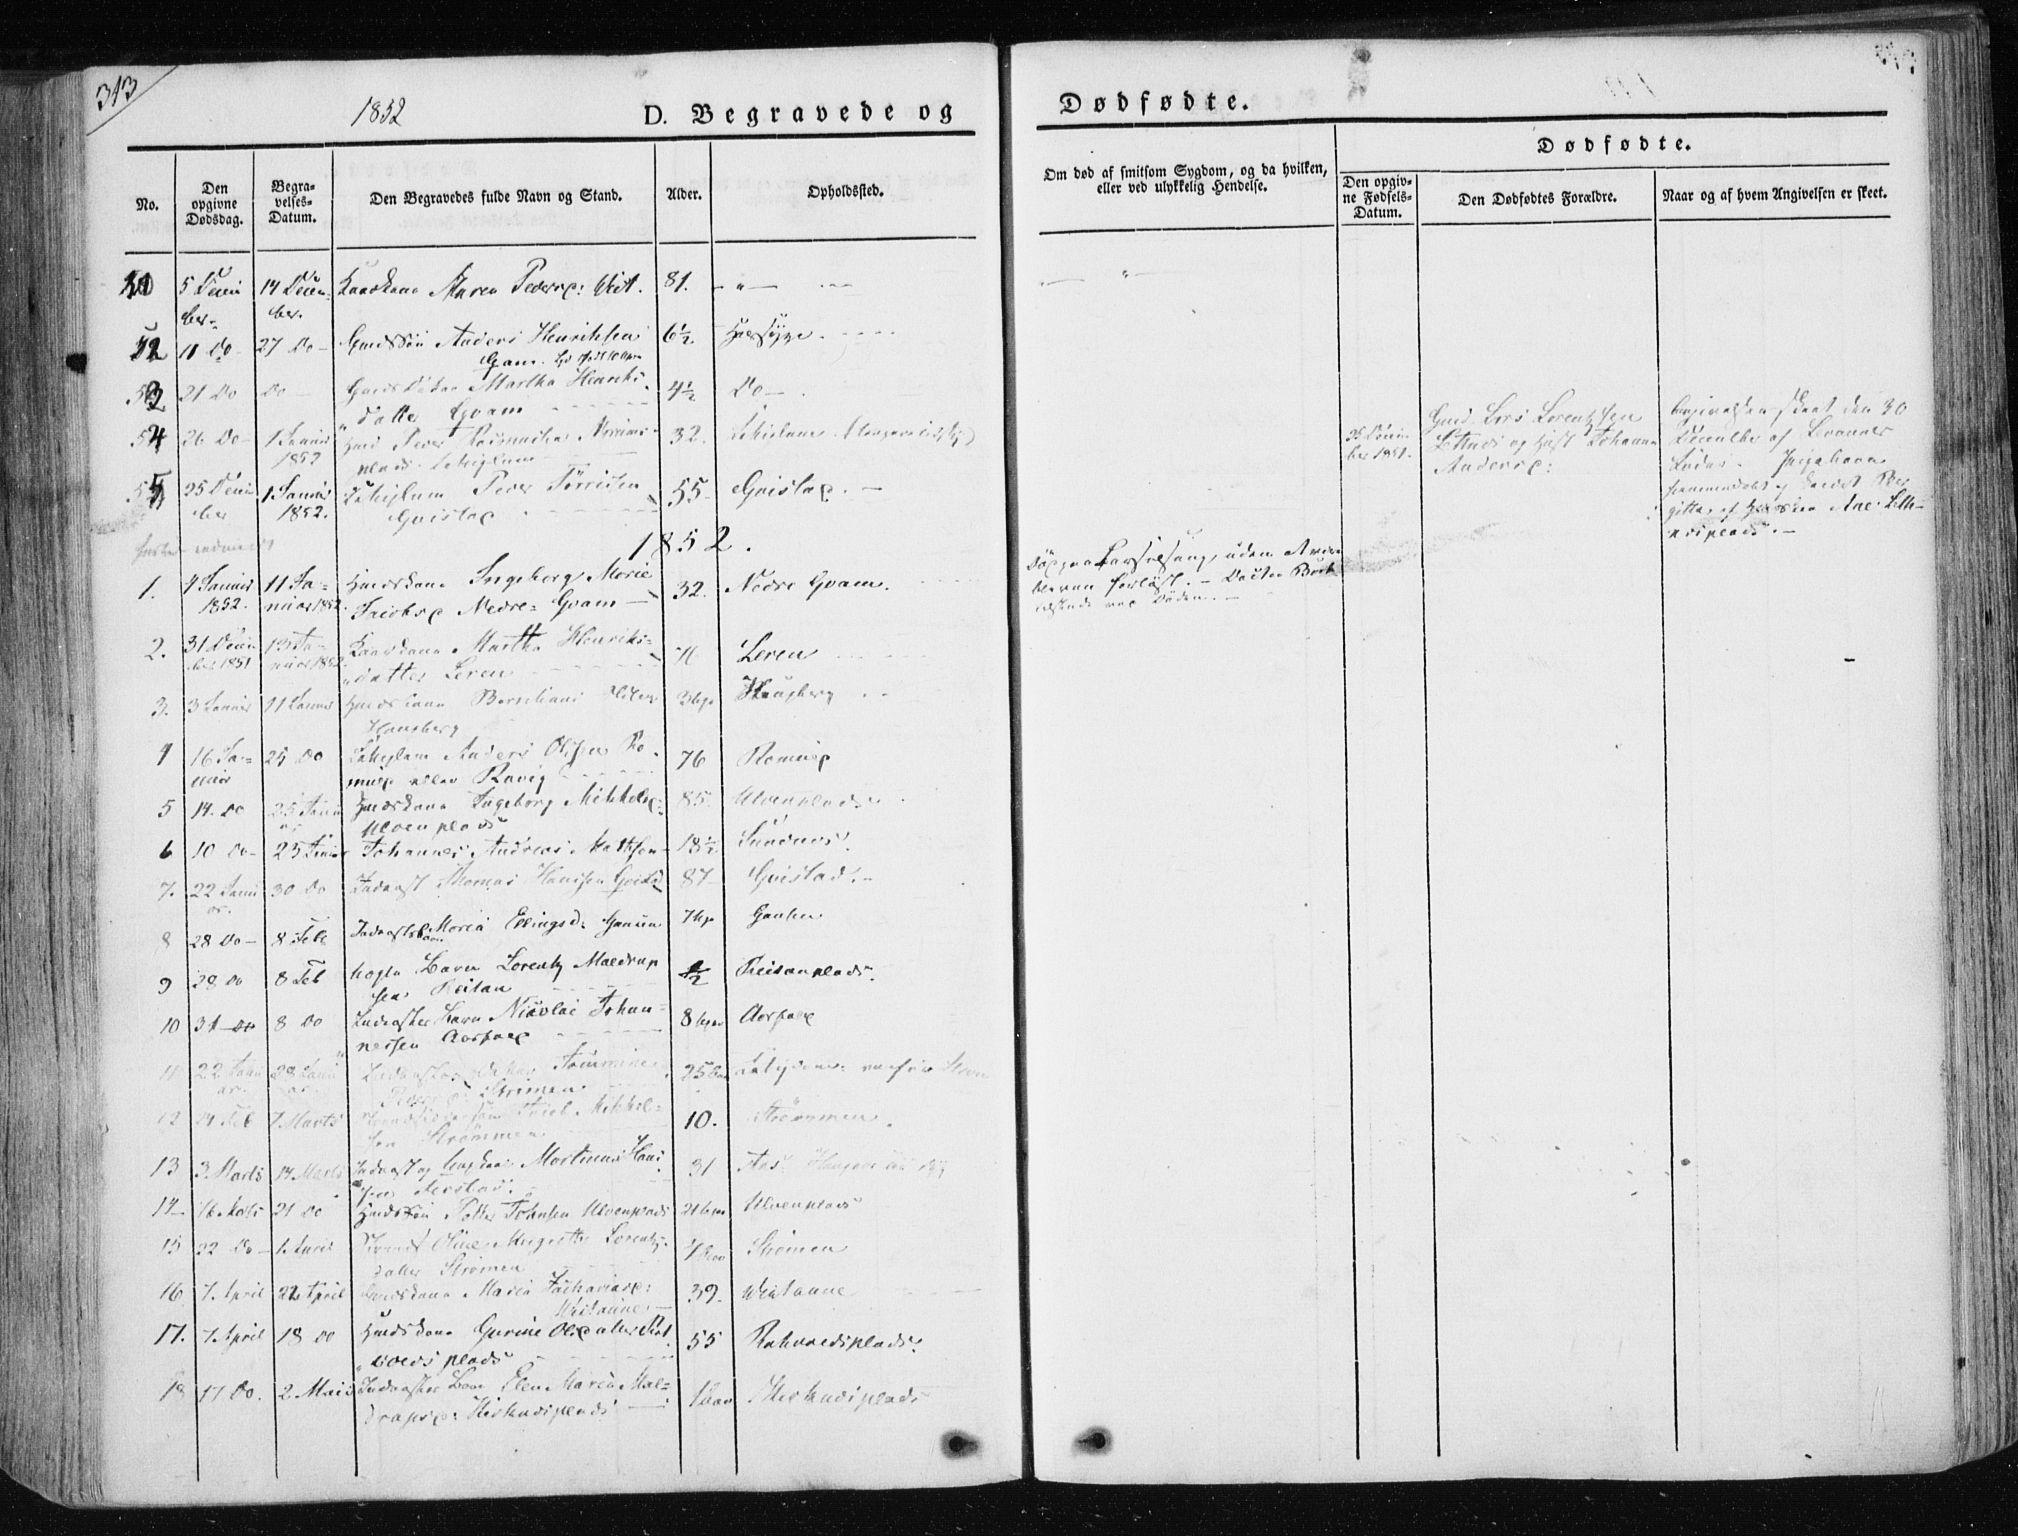 SAT, Ministerialprotokoller, klokkerbøker og fødselsregistre - Nord-Trøndelag, 730/L0280: Ministerialbok nr. 730A07 /1, 1840-1854, s. 313